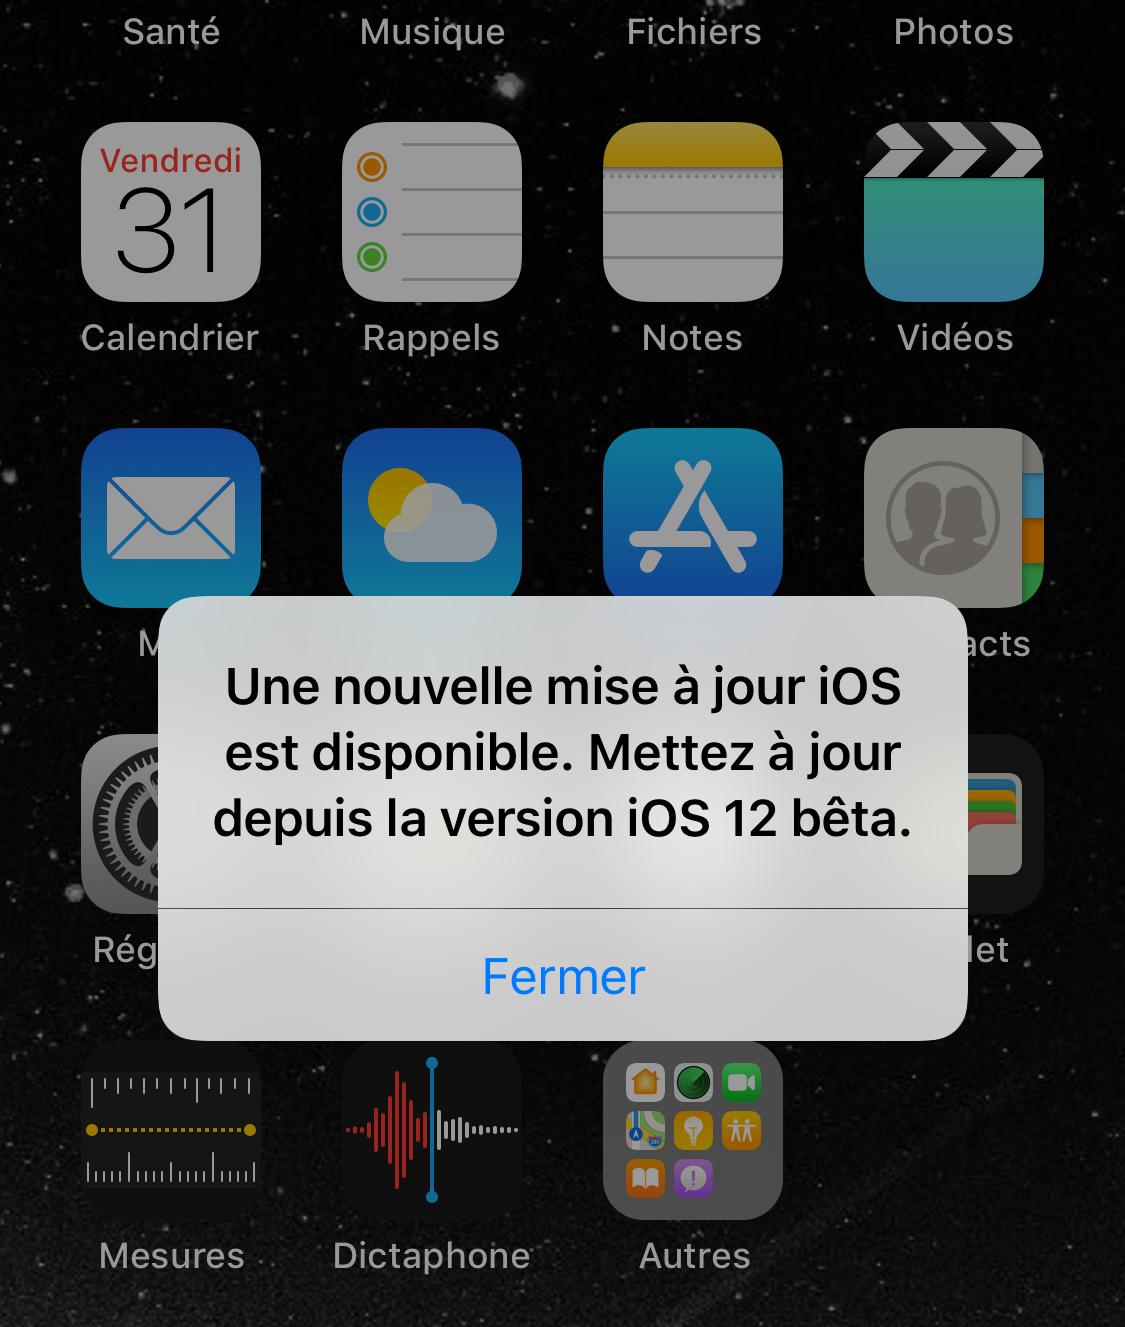 Pop-up proposant une mise à jour iOS 12/12.1.1